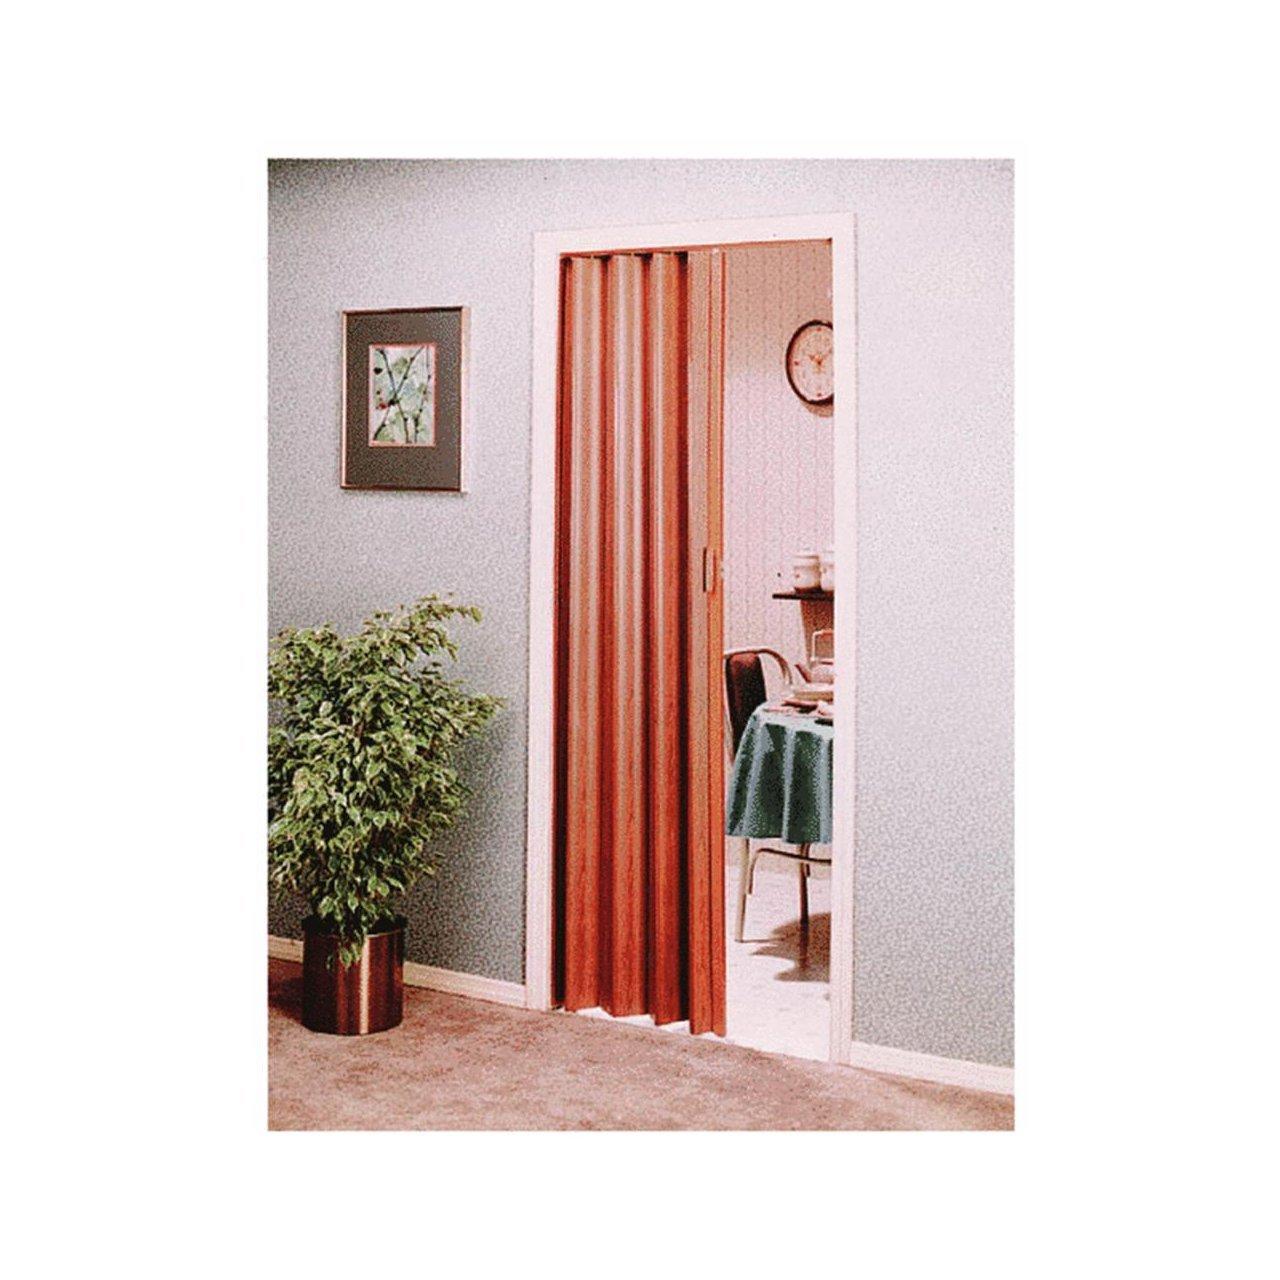 Spectrum EN3280FL Encore Accordion Door, 24 36 X 80 Inch, Reddish Brown Wood